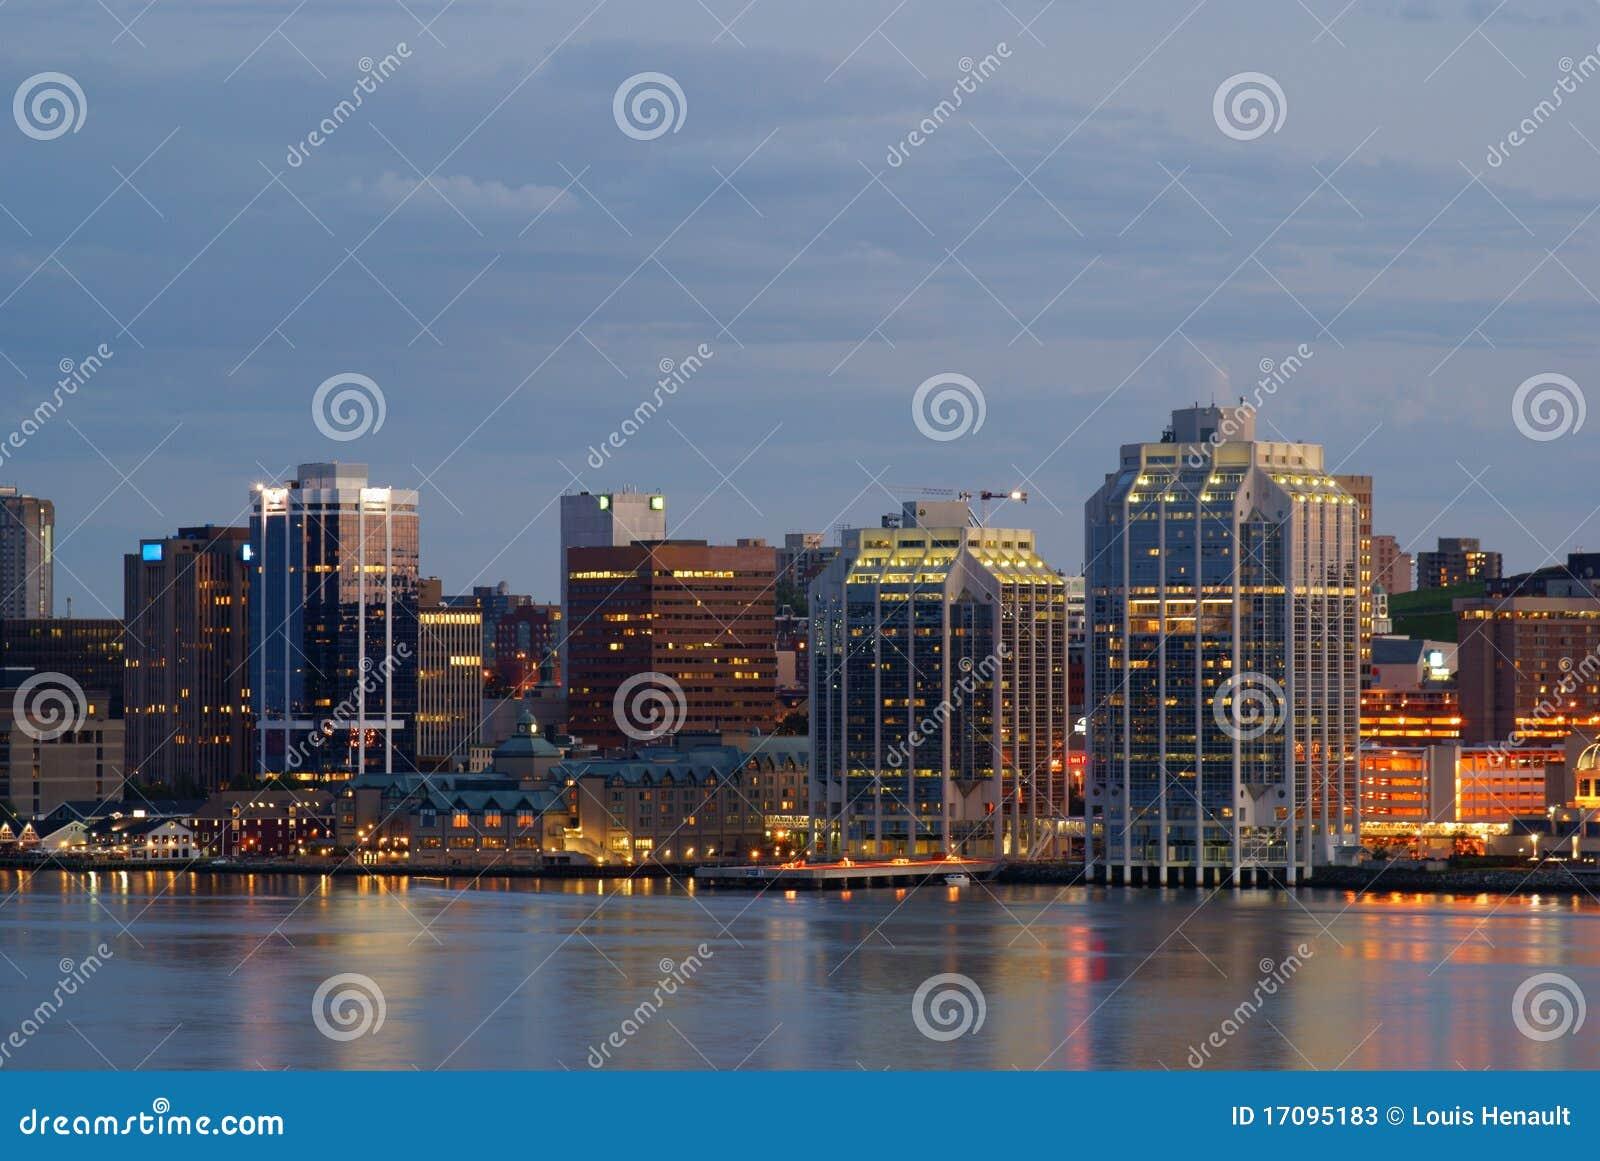 Halifax harbor at night